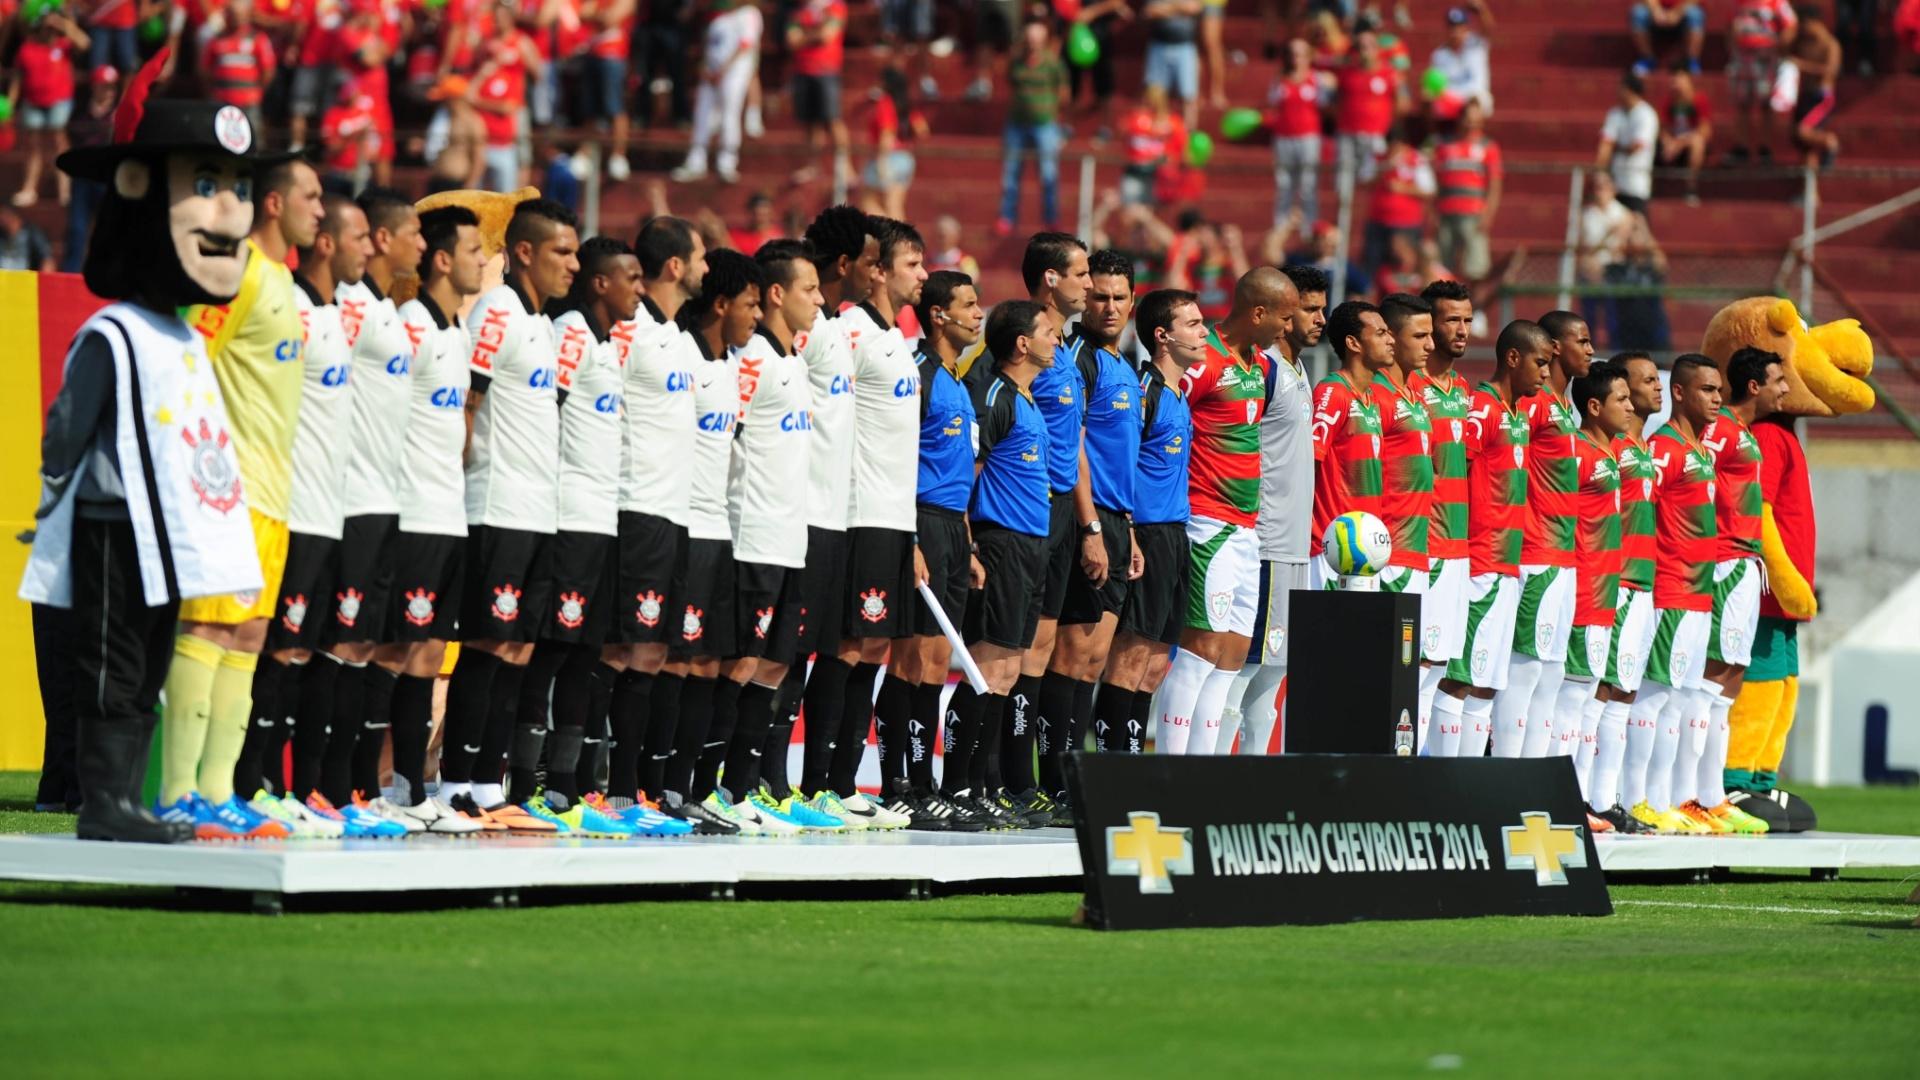 19.jan.2014 - Jogadores de Corinthians e Portuguesa perfilados para o Hino Nacional Brasileiro antes do início da partida no Canindé